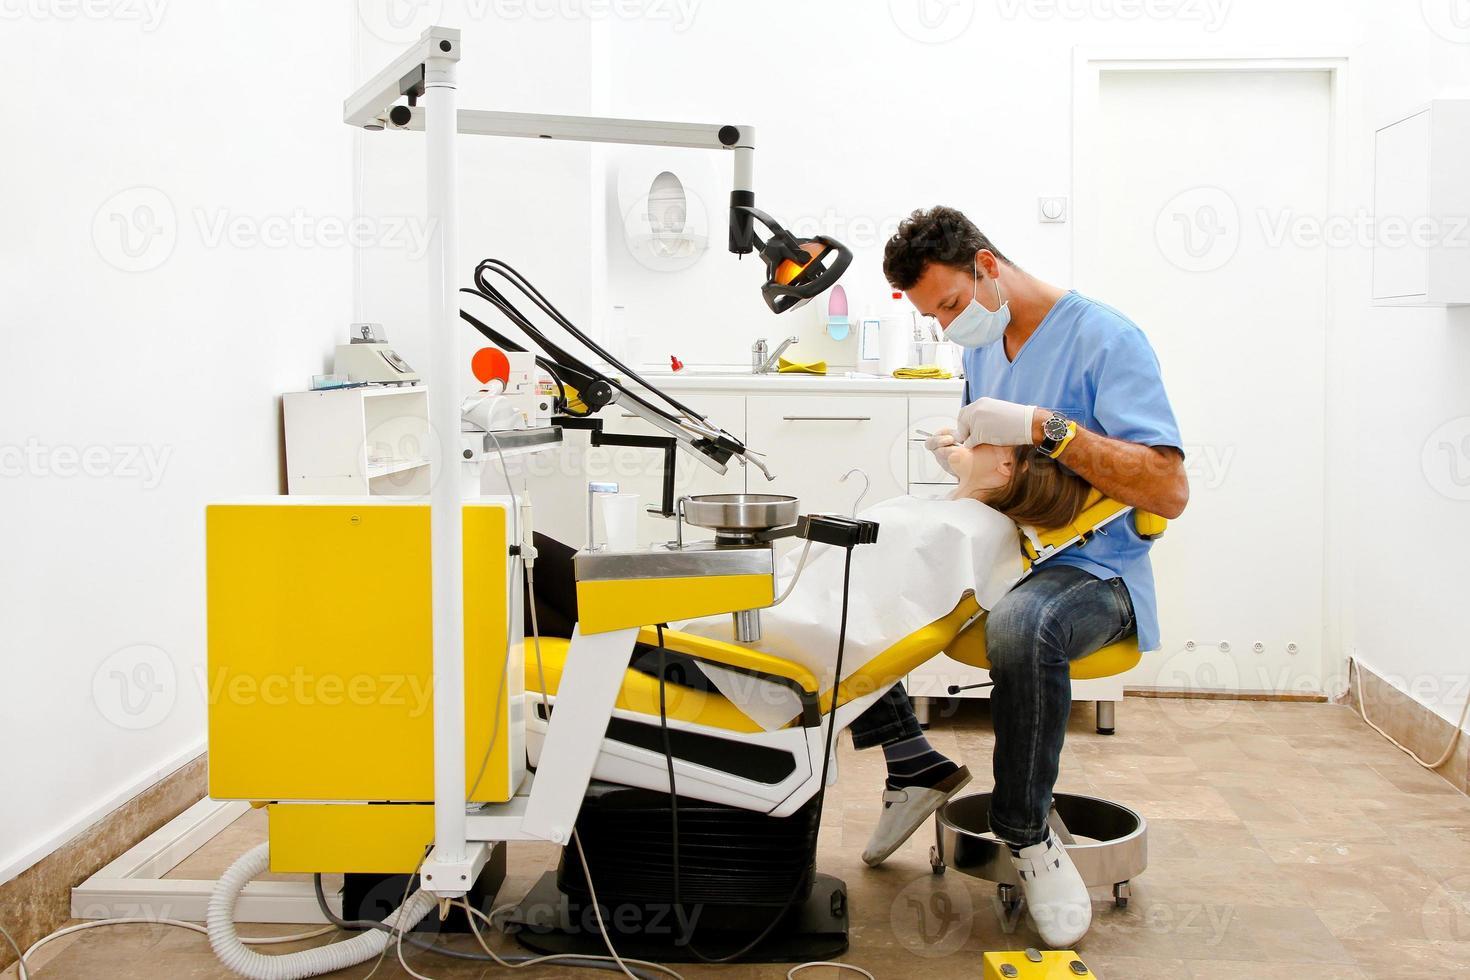 tandarts stoel foto